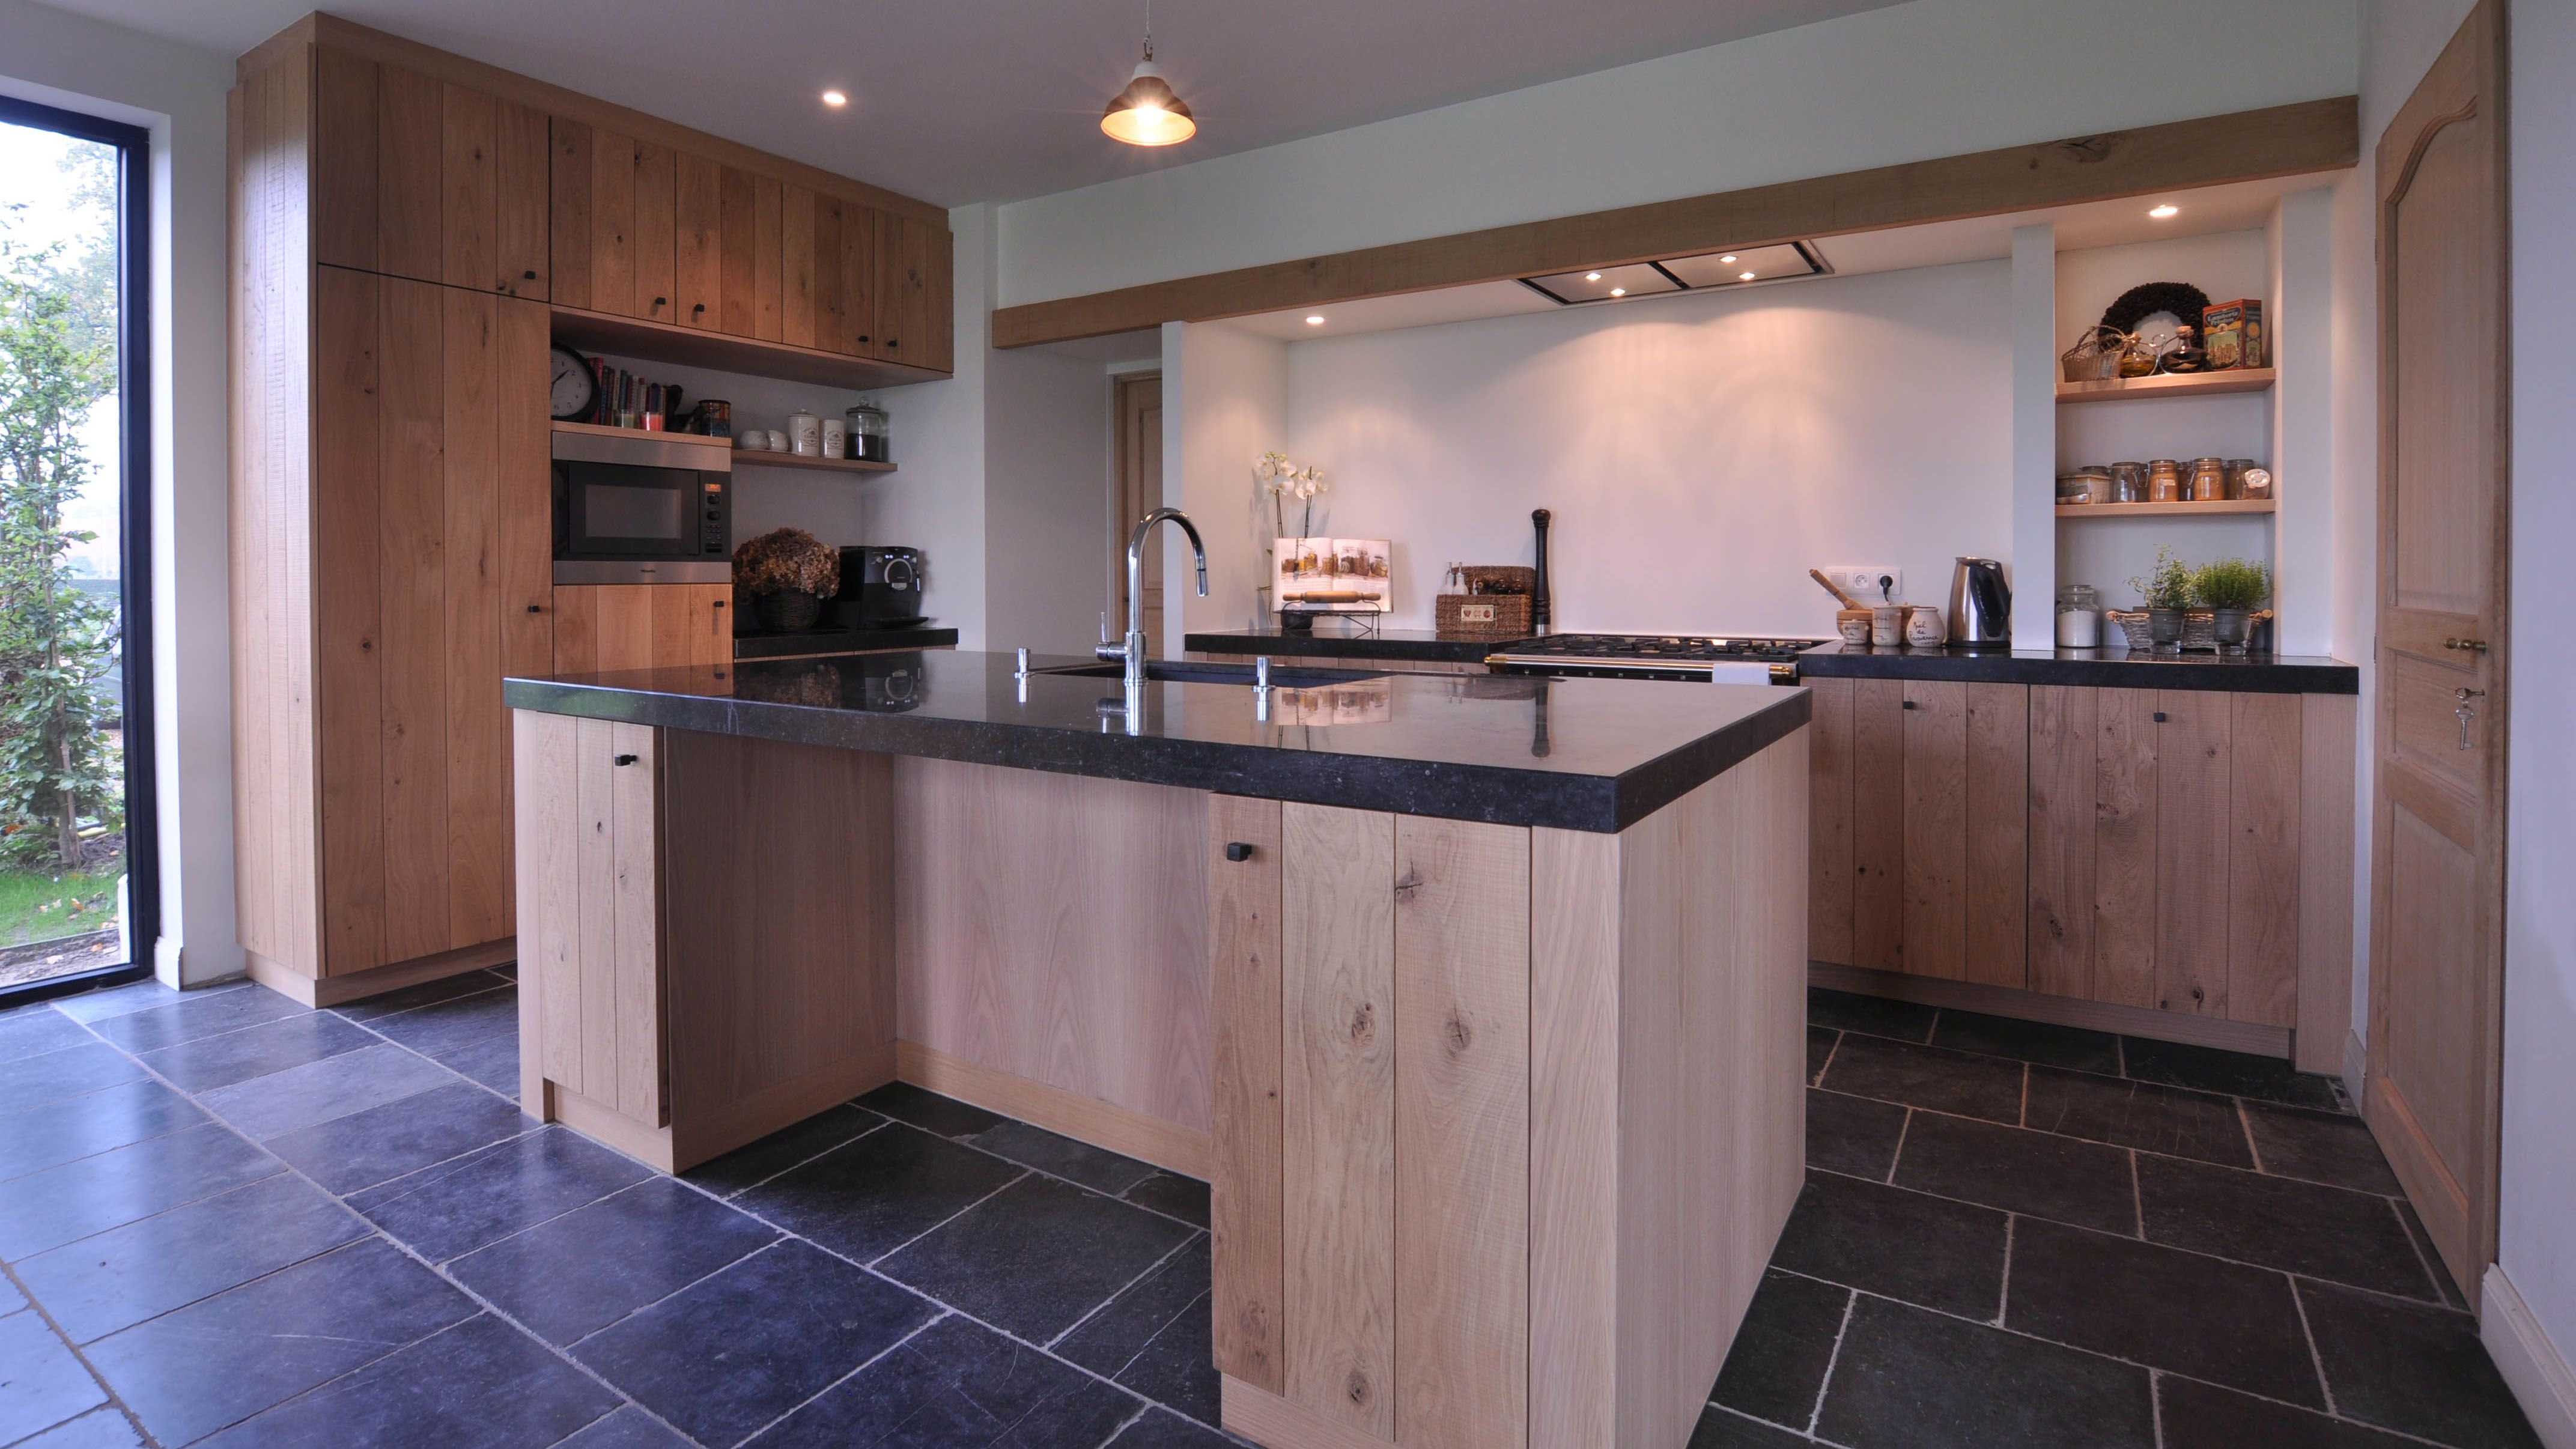 Landelijk kitchens pinterest for Eetkamerstoelen landelijk interieur